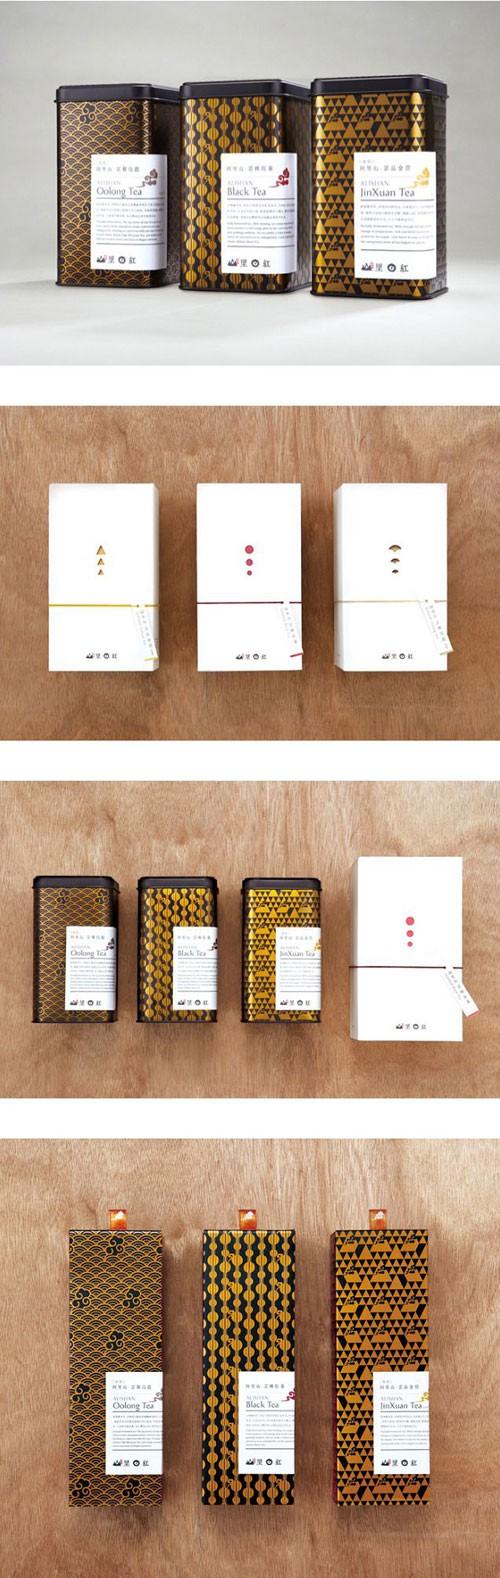 パッケージ/プロダクトデザインvol.29 参考になる優れたパッケージ/プロダクトデザインをご紹介